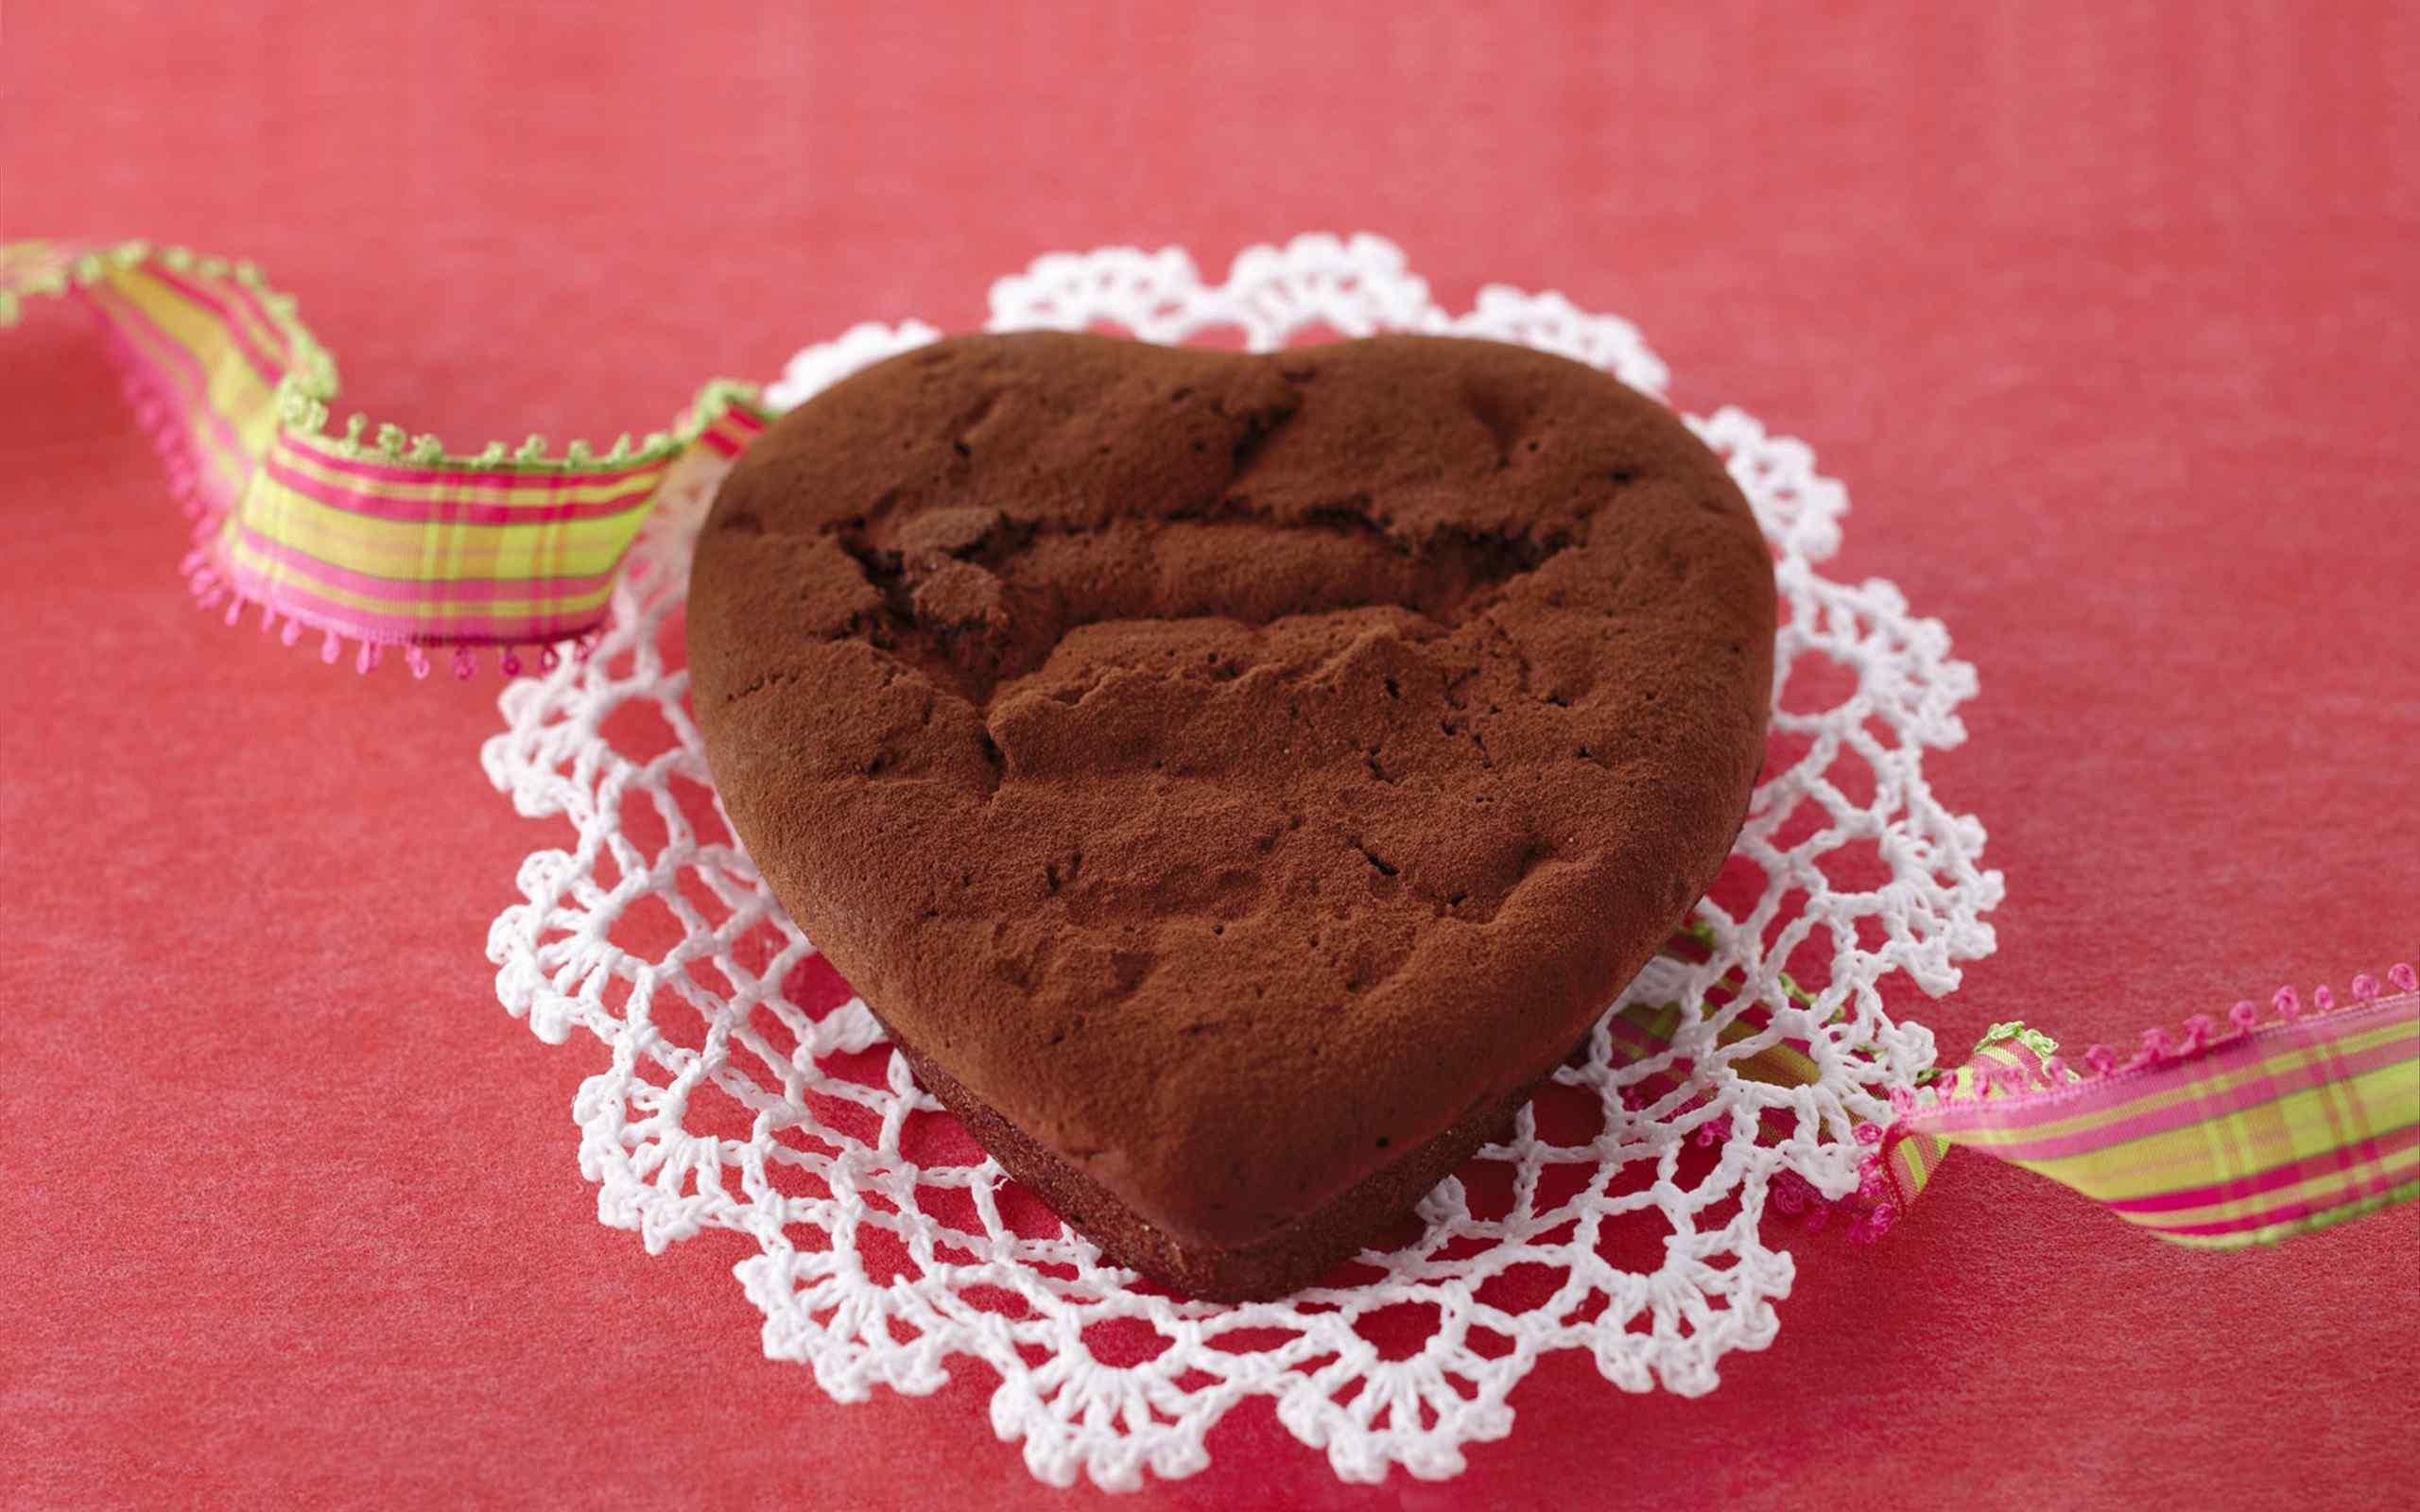 爱心巧克力蛋糕甜美桌面壁纸